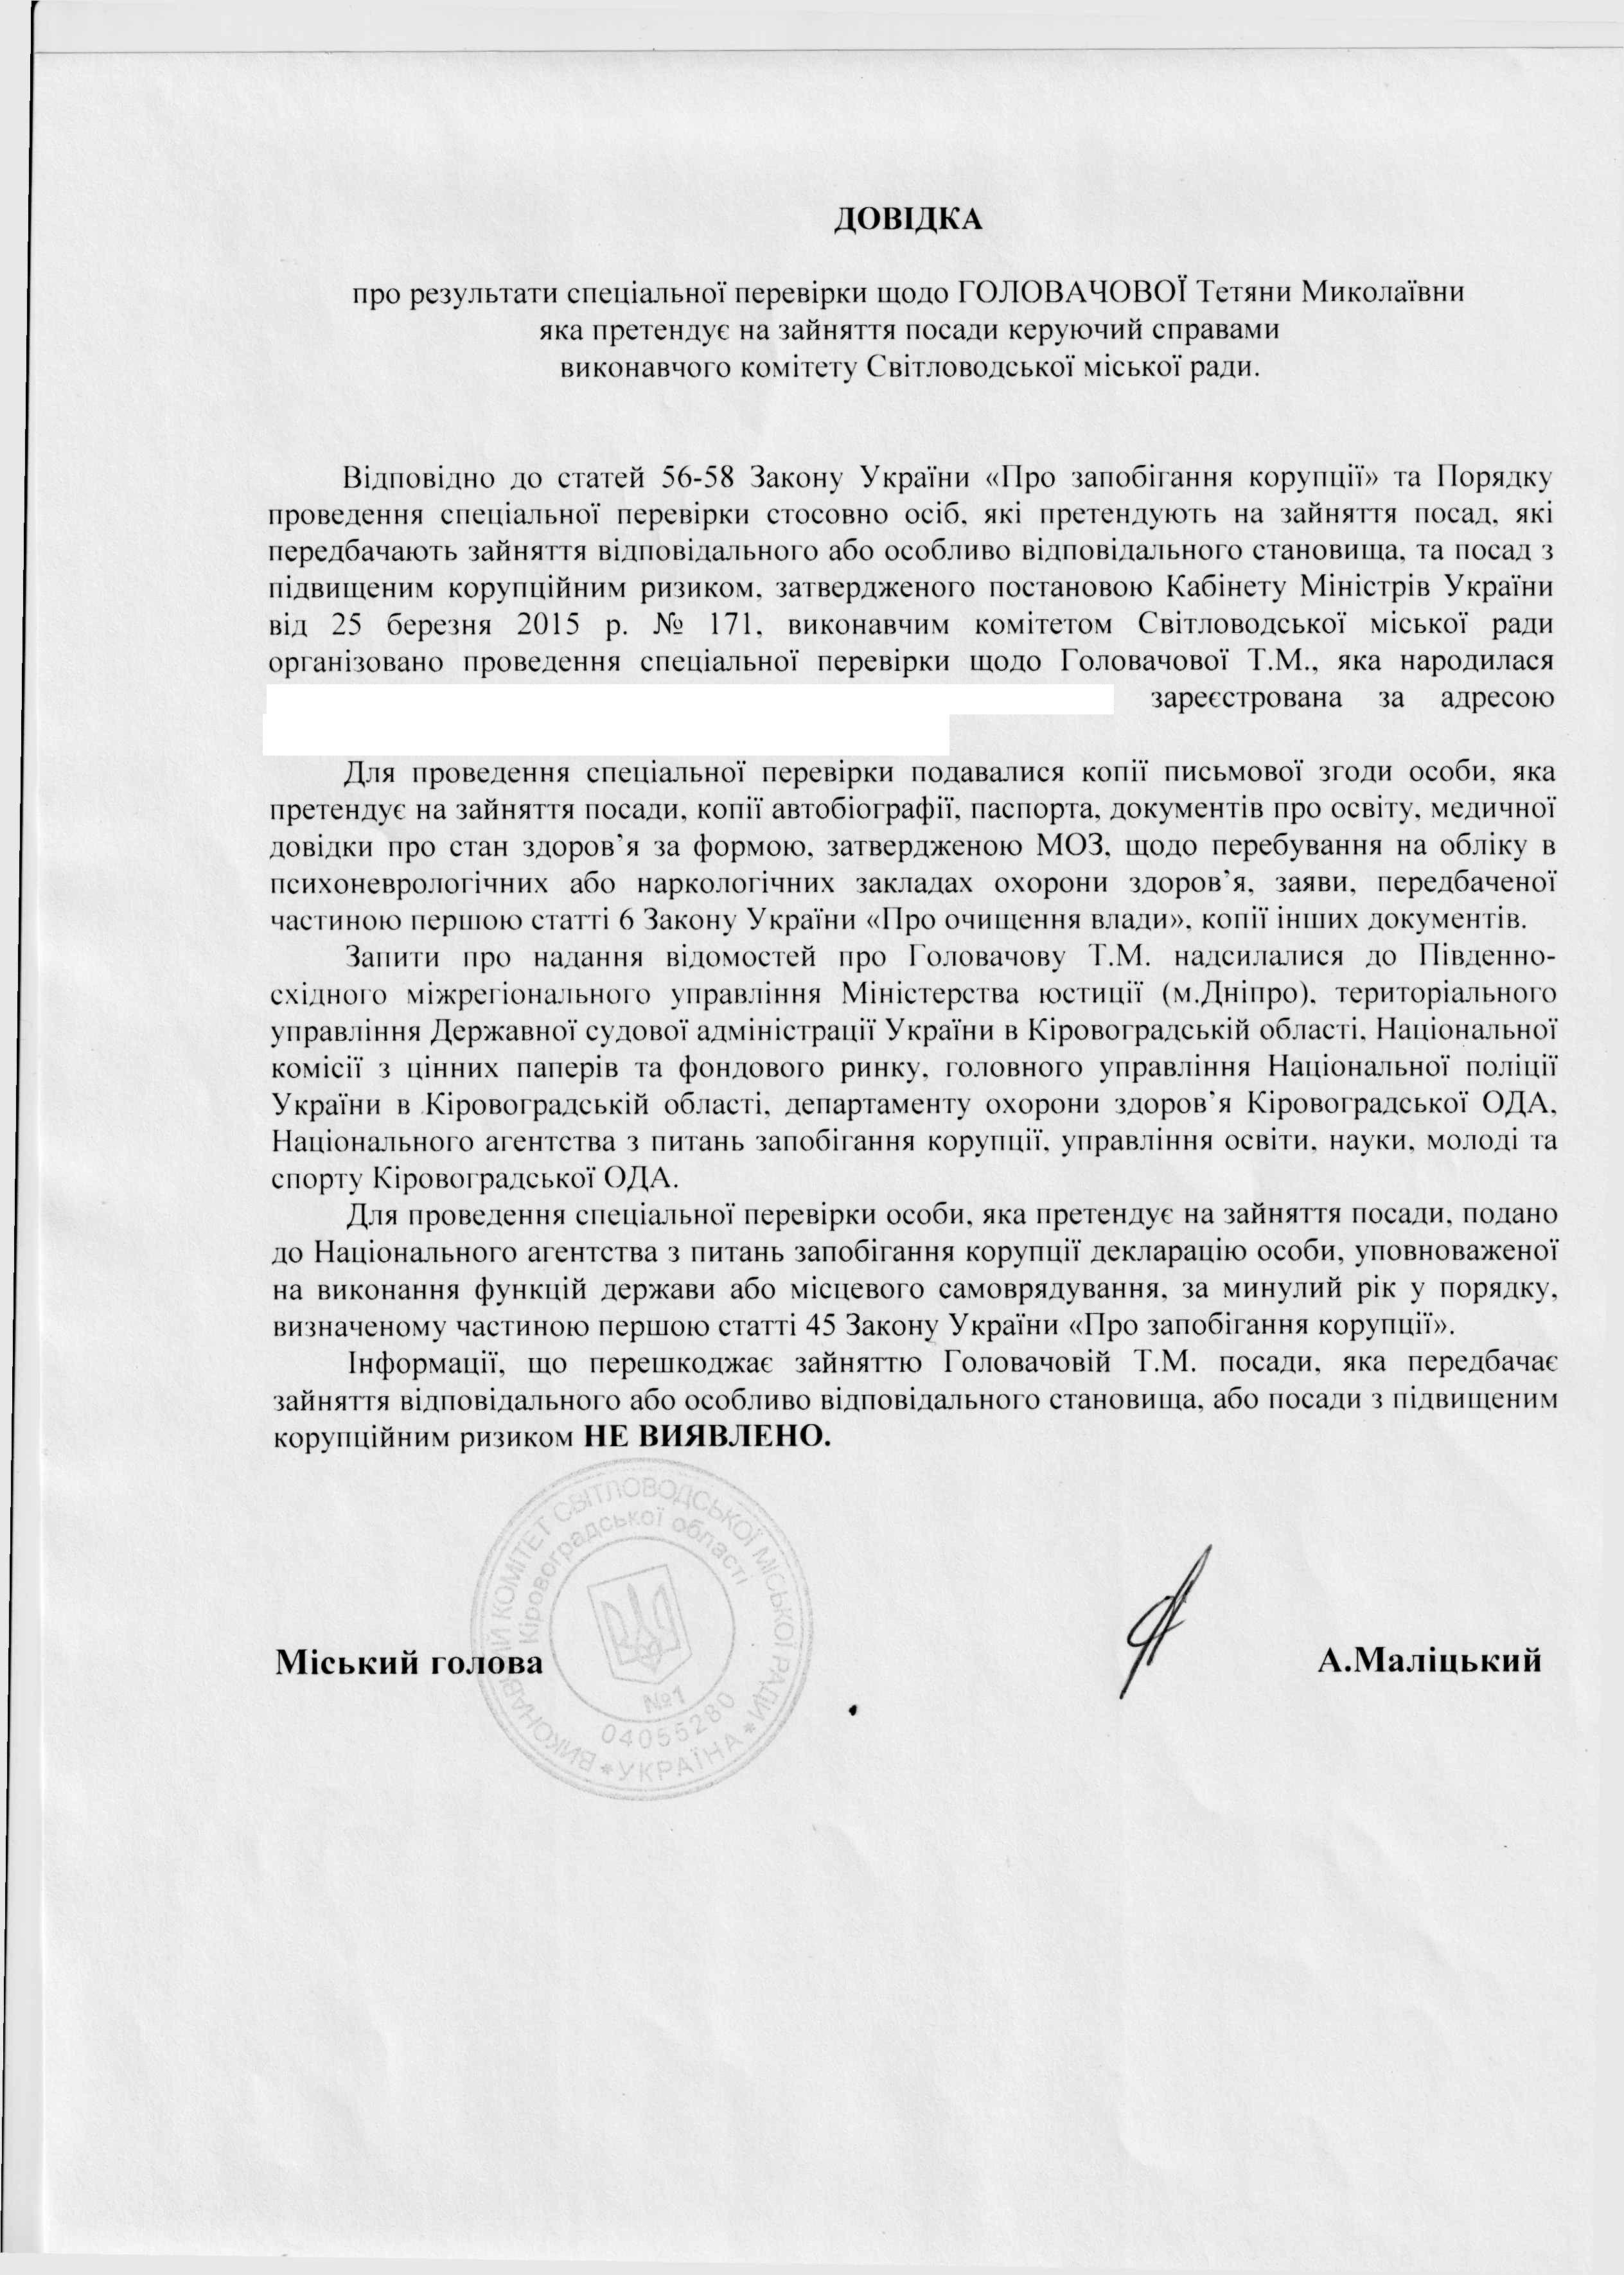 Результати перевірки Головачової Т. М.